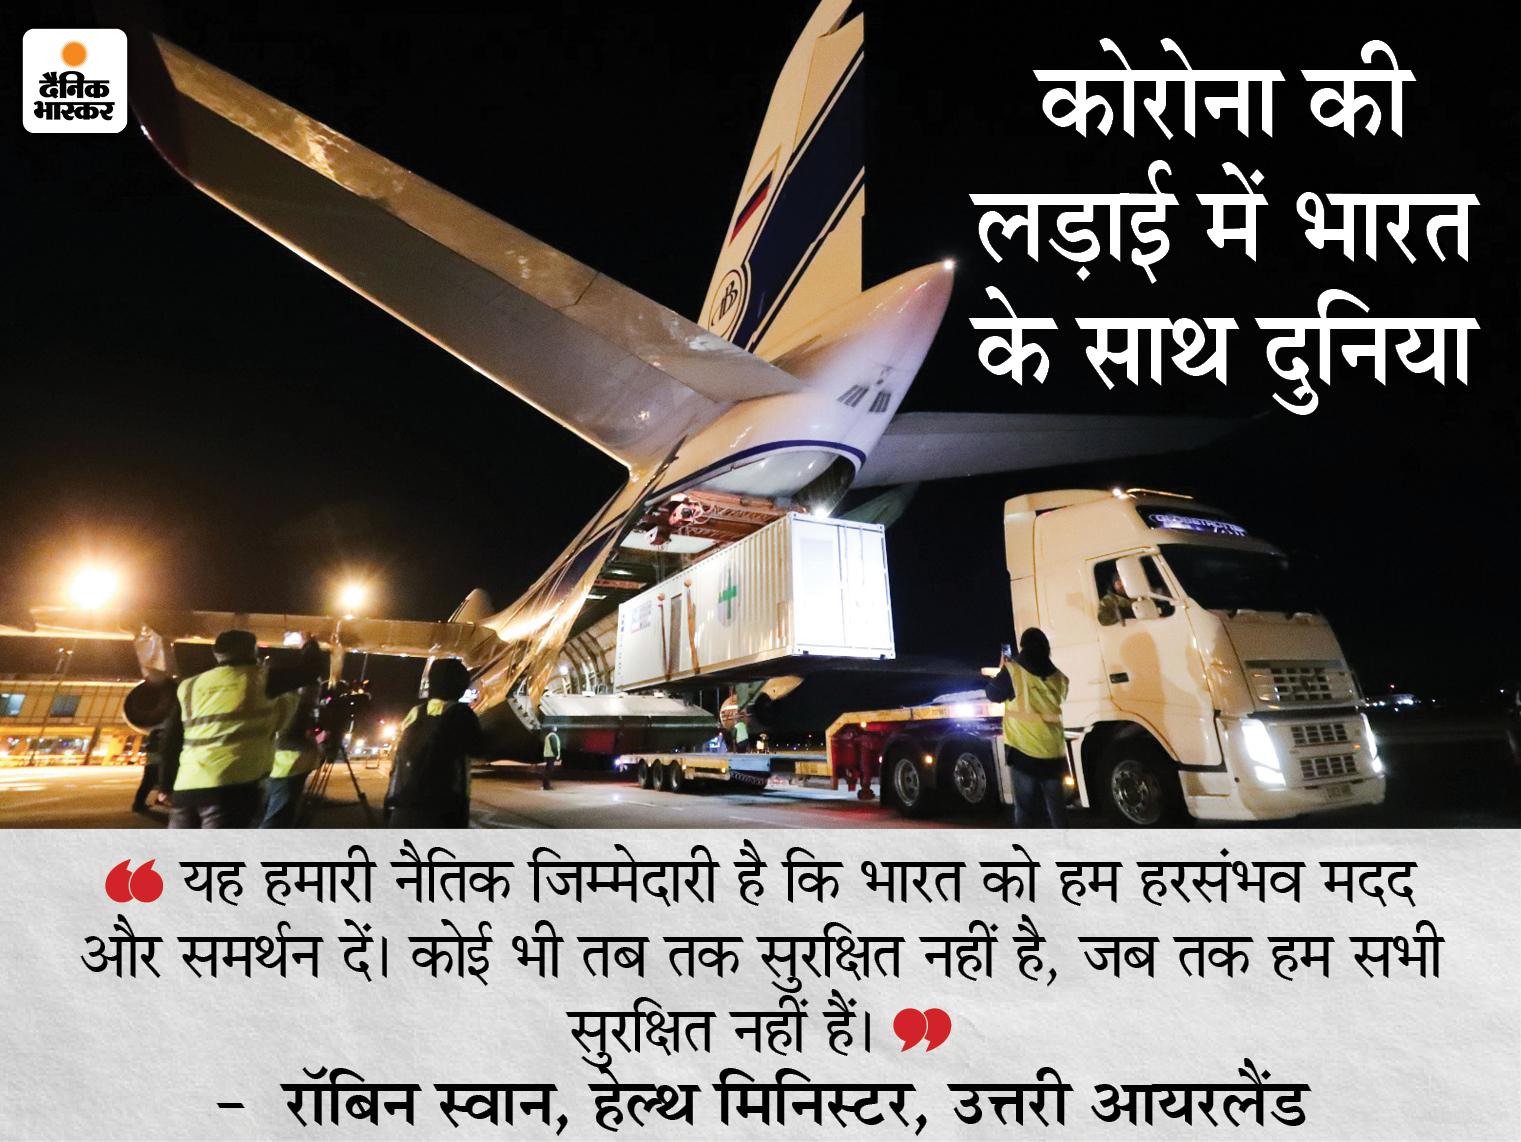 उत्तरी आयरलैंड के बेलफास्ट से 3 ऑक्सीजन प्लांट और 1,000 वेंटिलेटर लेकर विमान रवाना; कल सुबह दिल्ली पहुंचेगा विदेश,International - Dainik Bhaskar